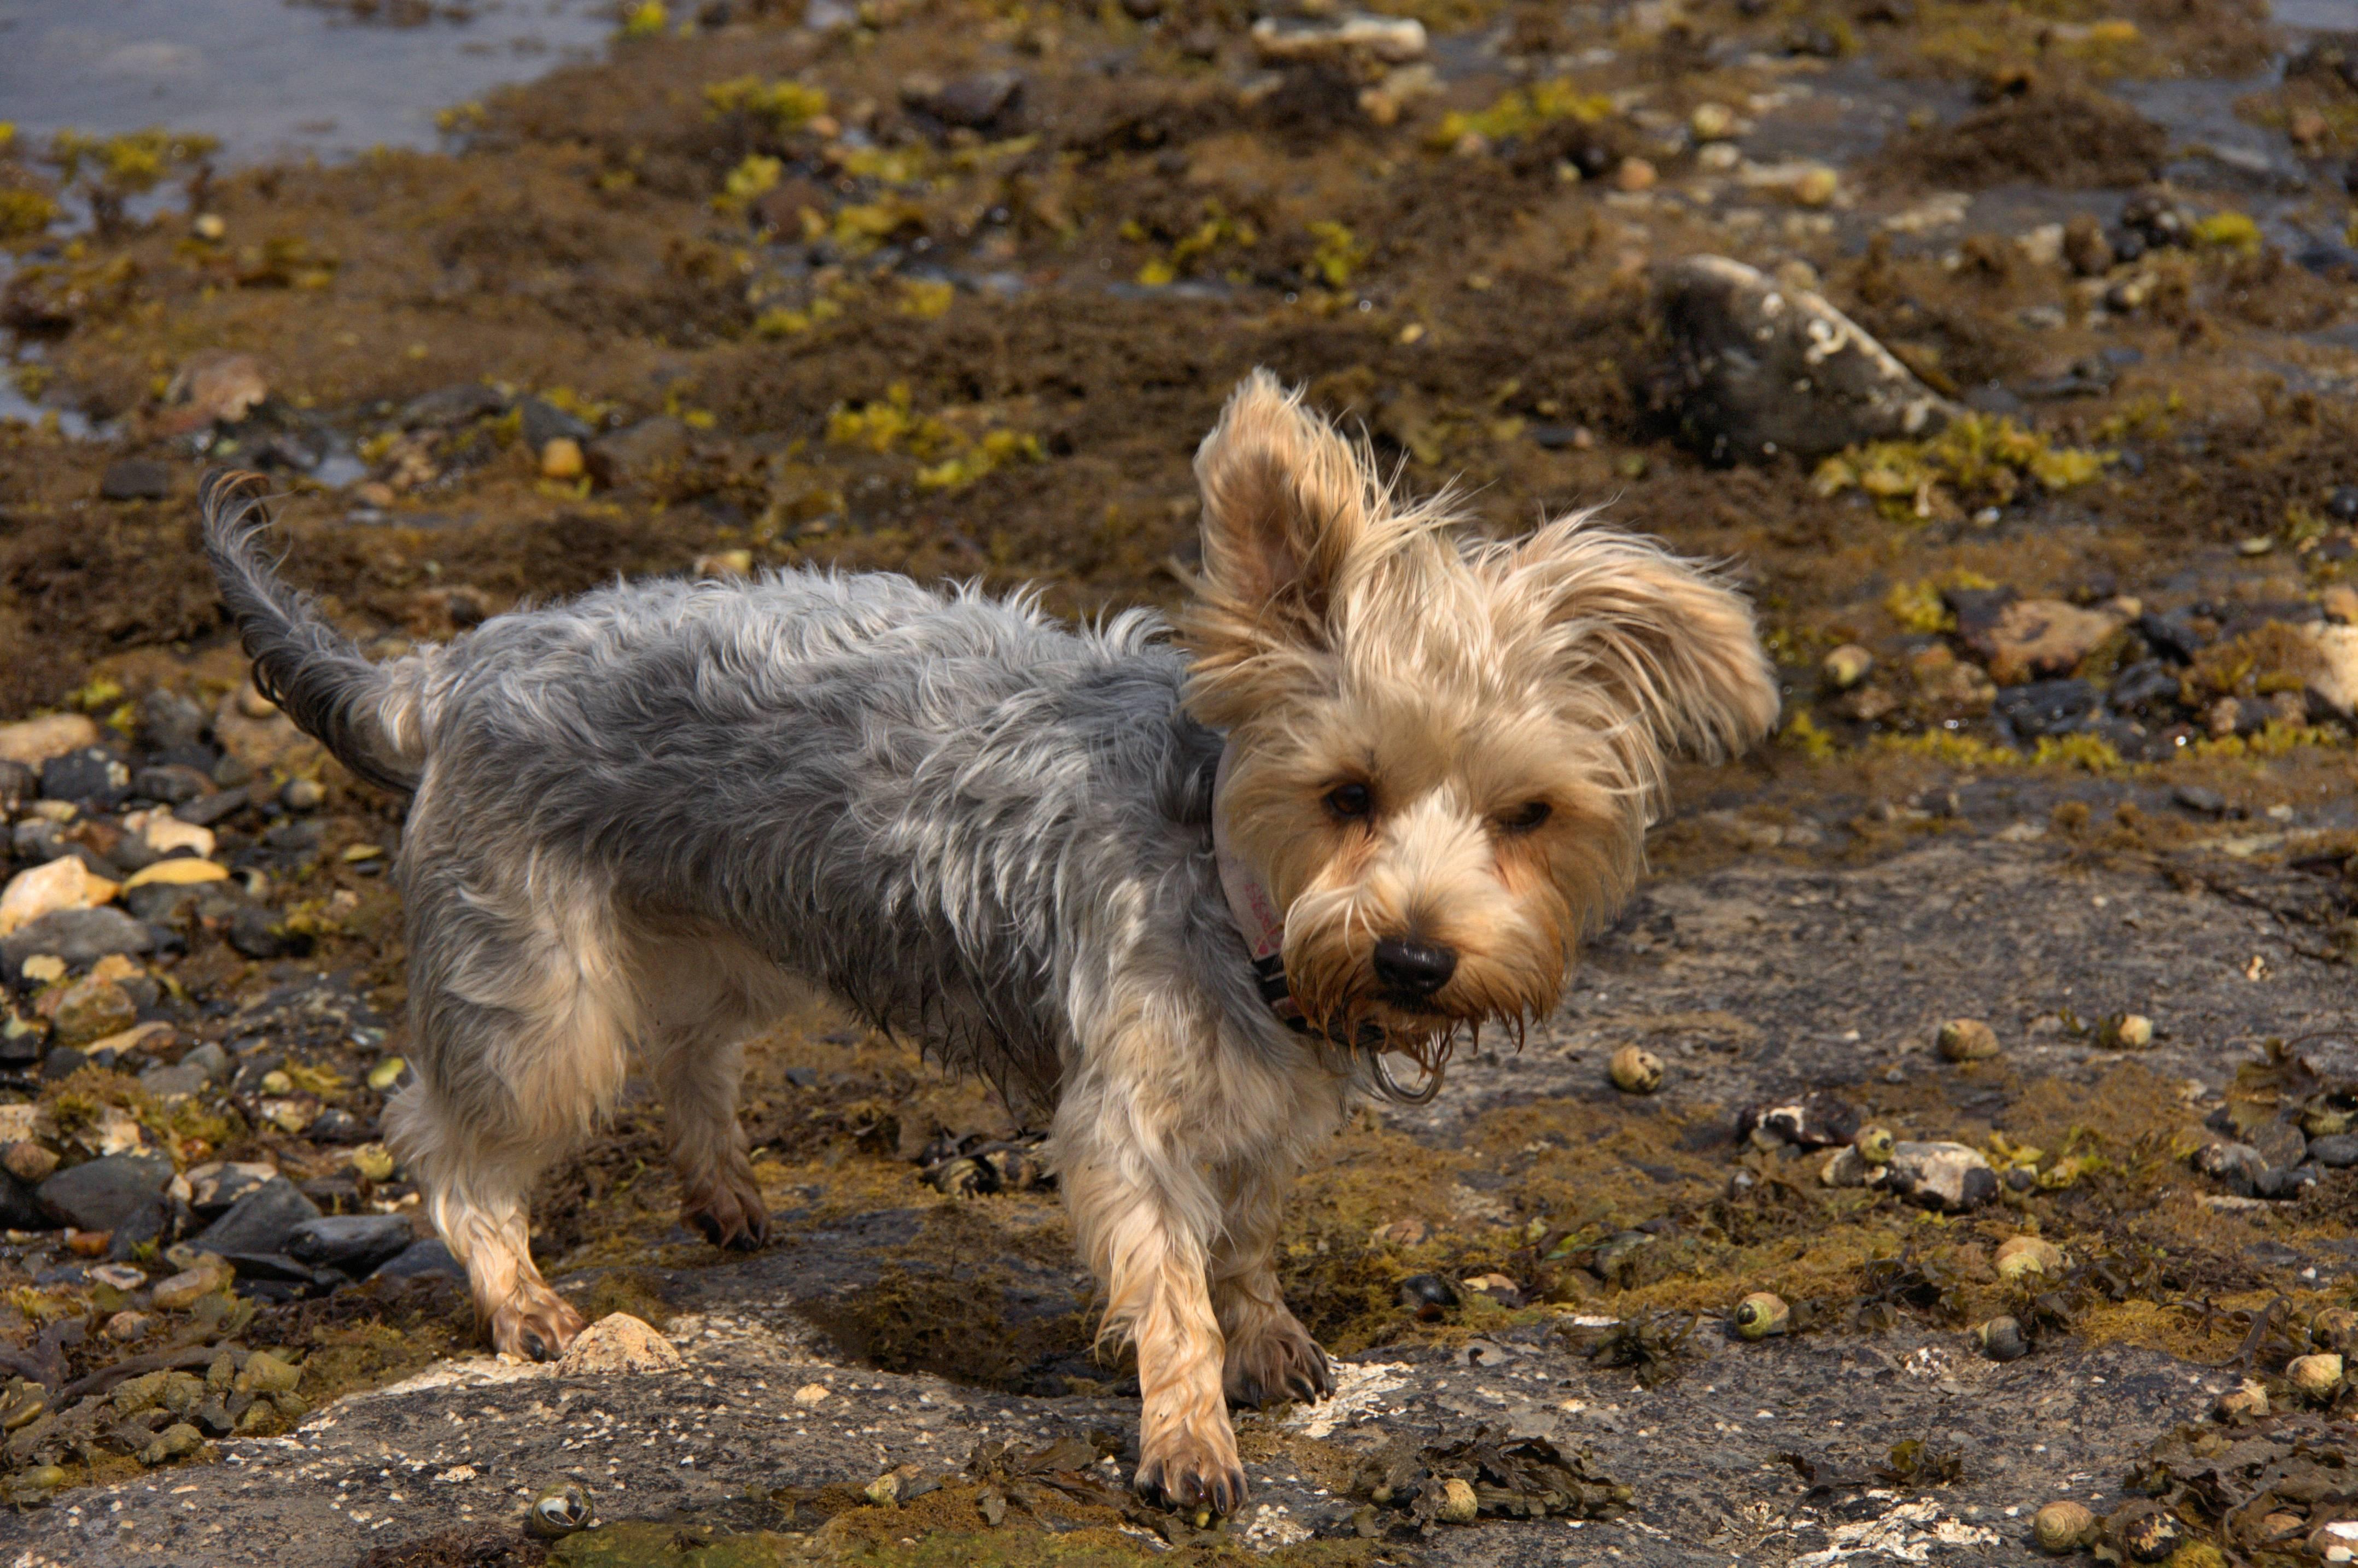 Австралийский шелковистый терьер: происхождение, описание и характер собаки